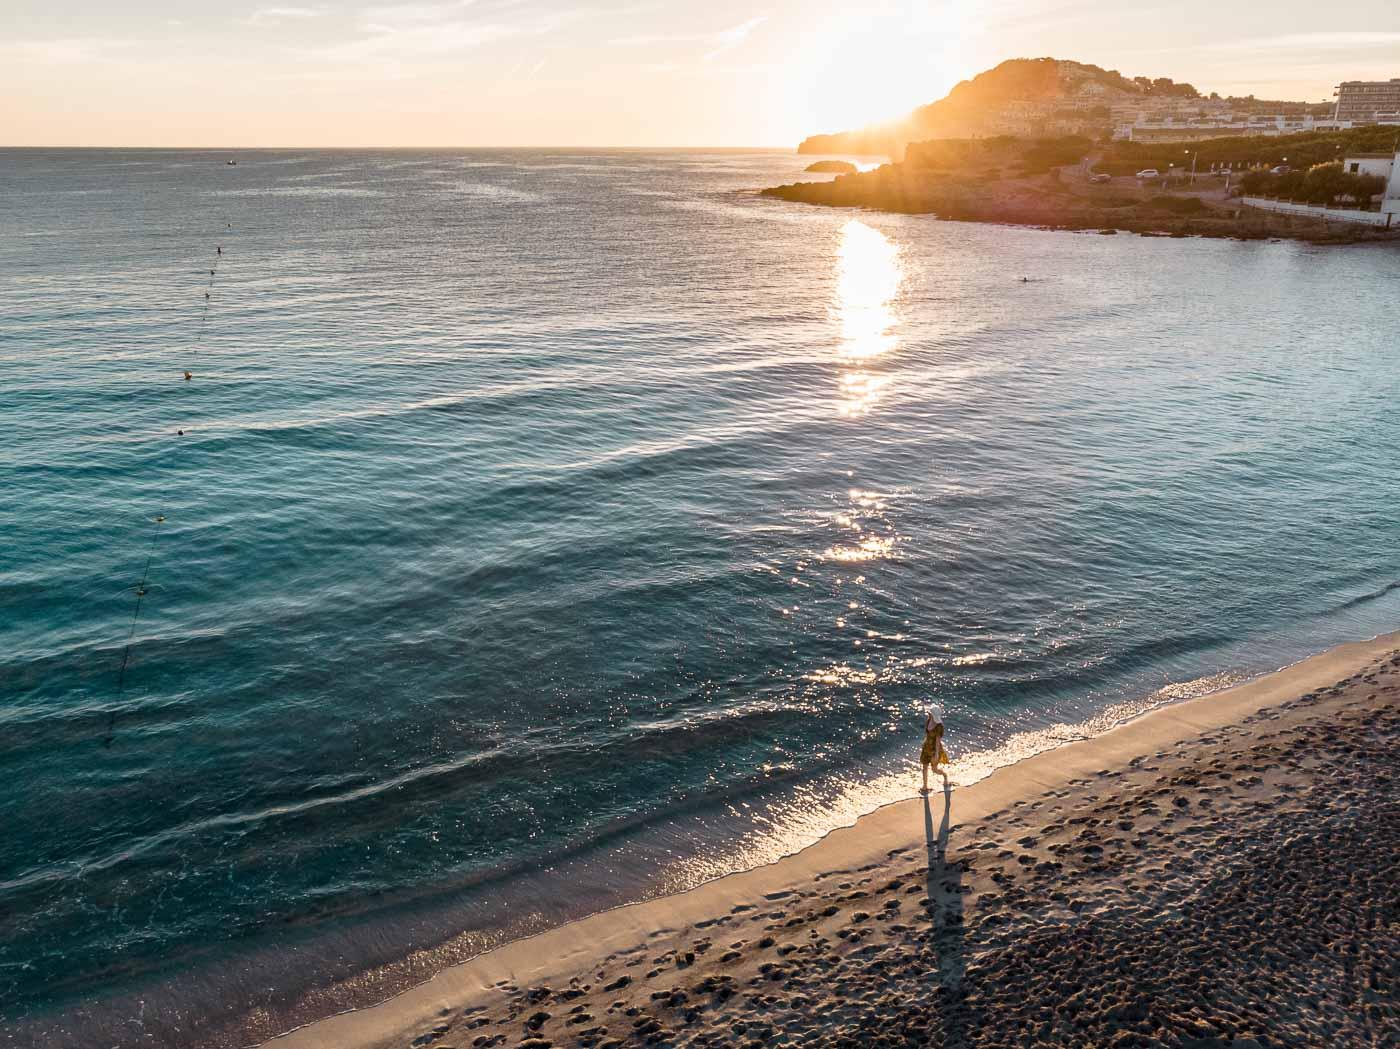 Petit séjour à Majorque : redécouverte de l'île